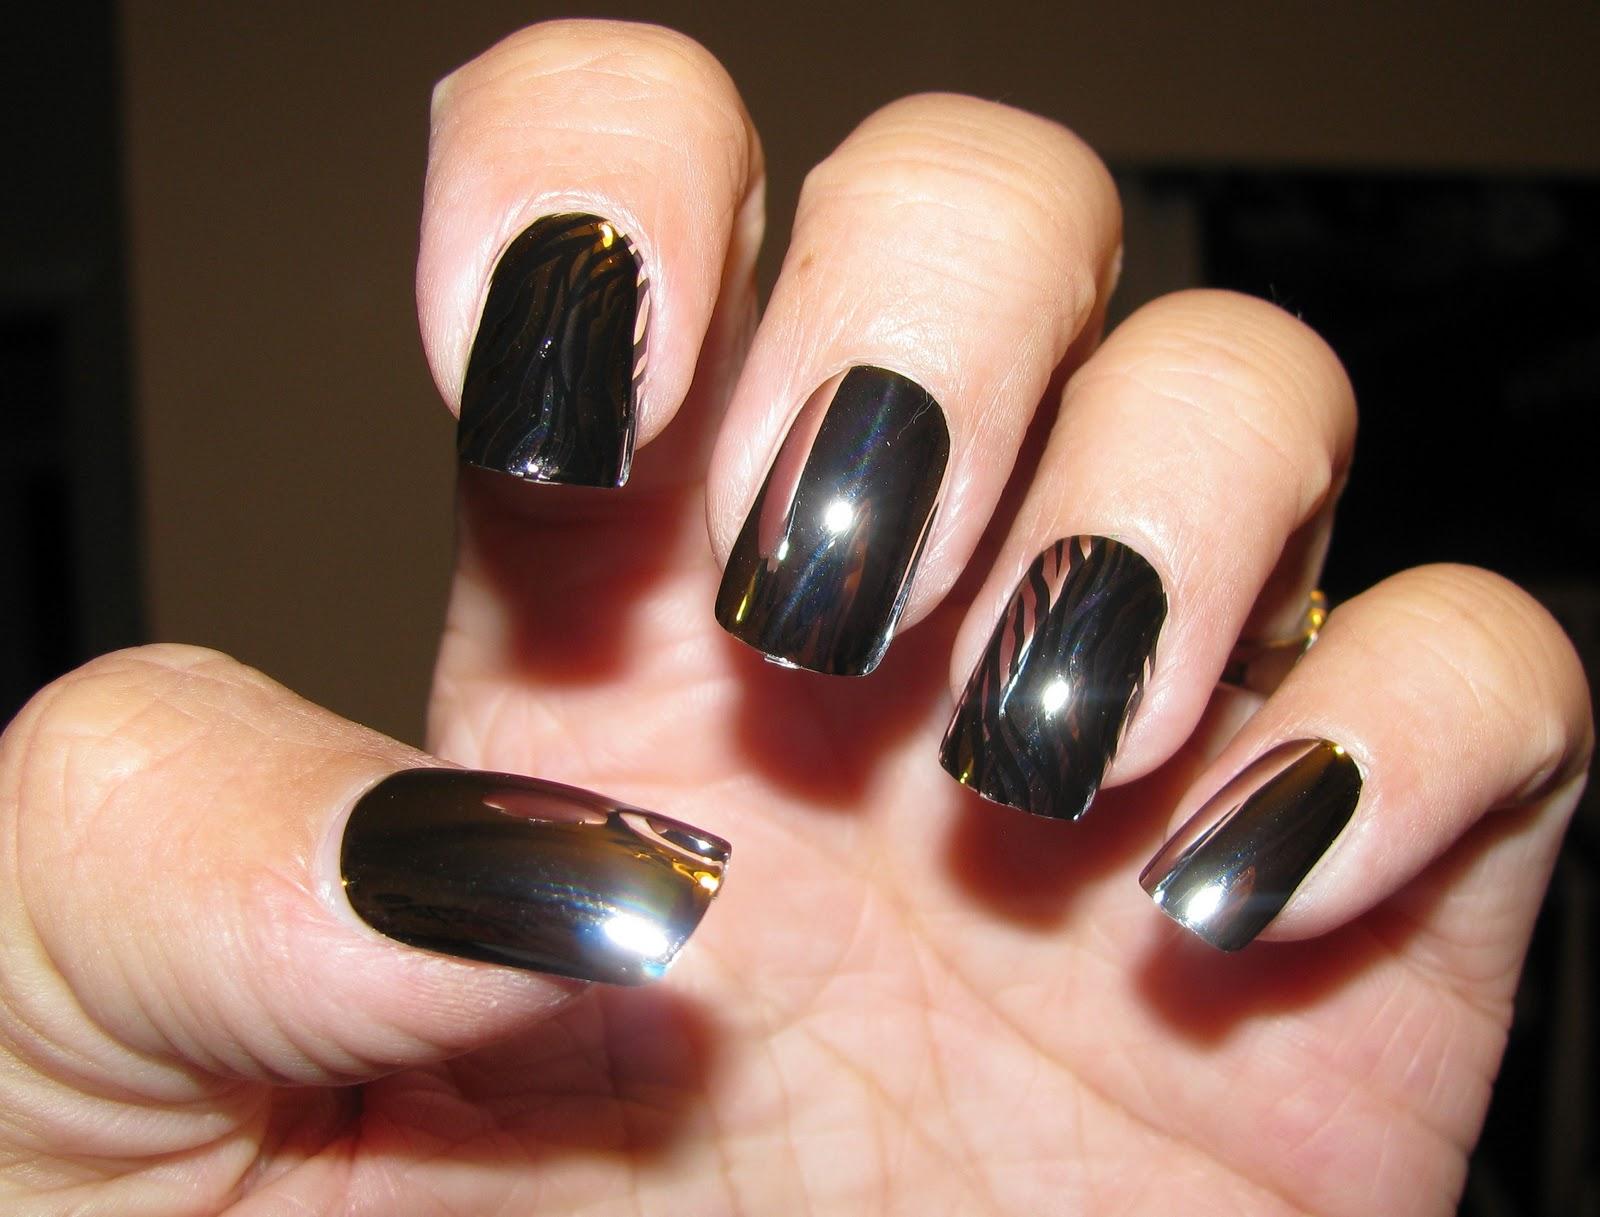 Nail39d Polish39d Chrome Nails